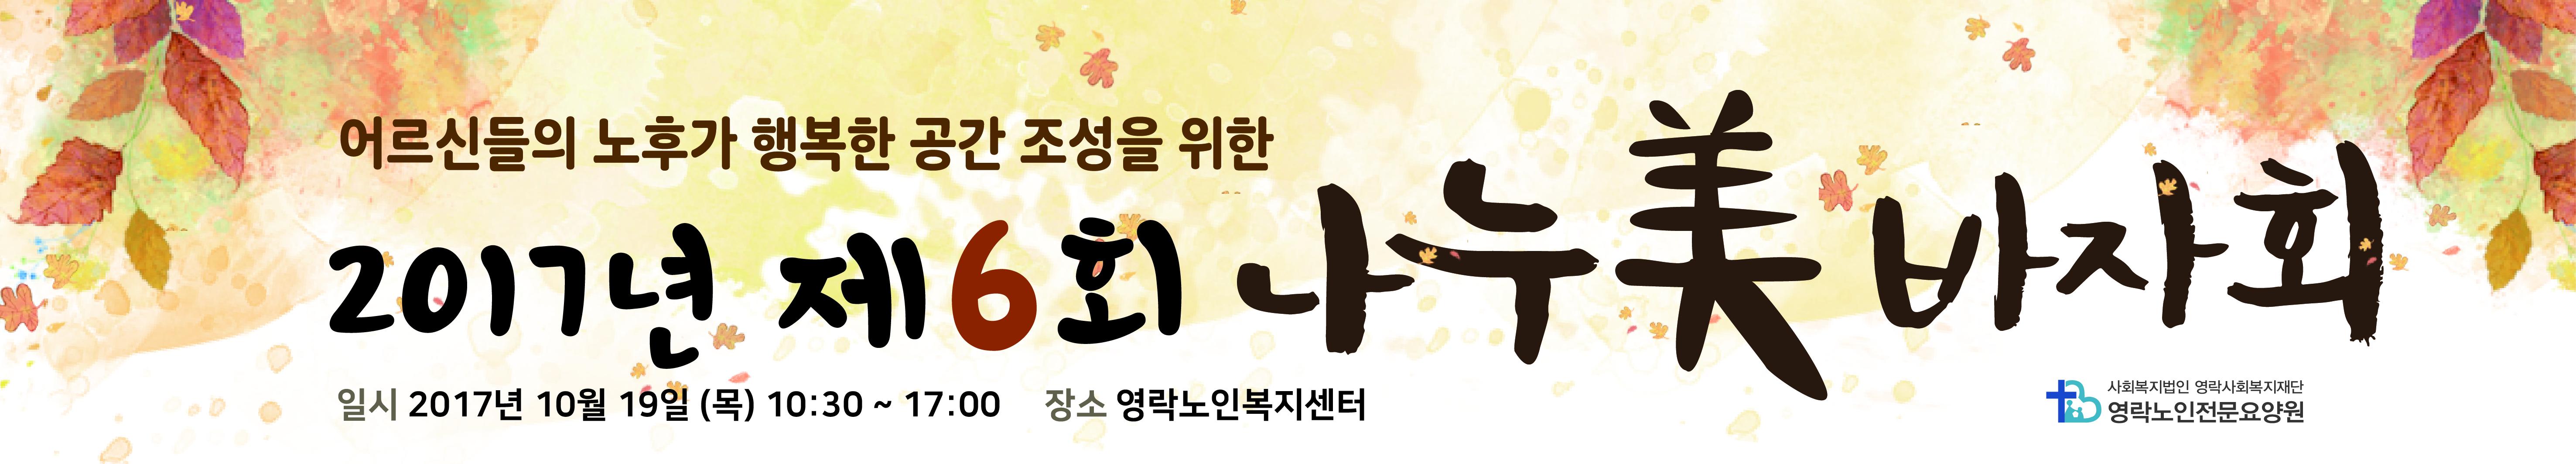 영락 나누미바자회 5000 900-01.jpg